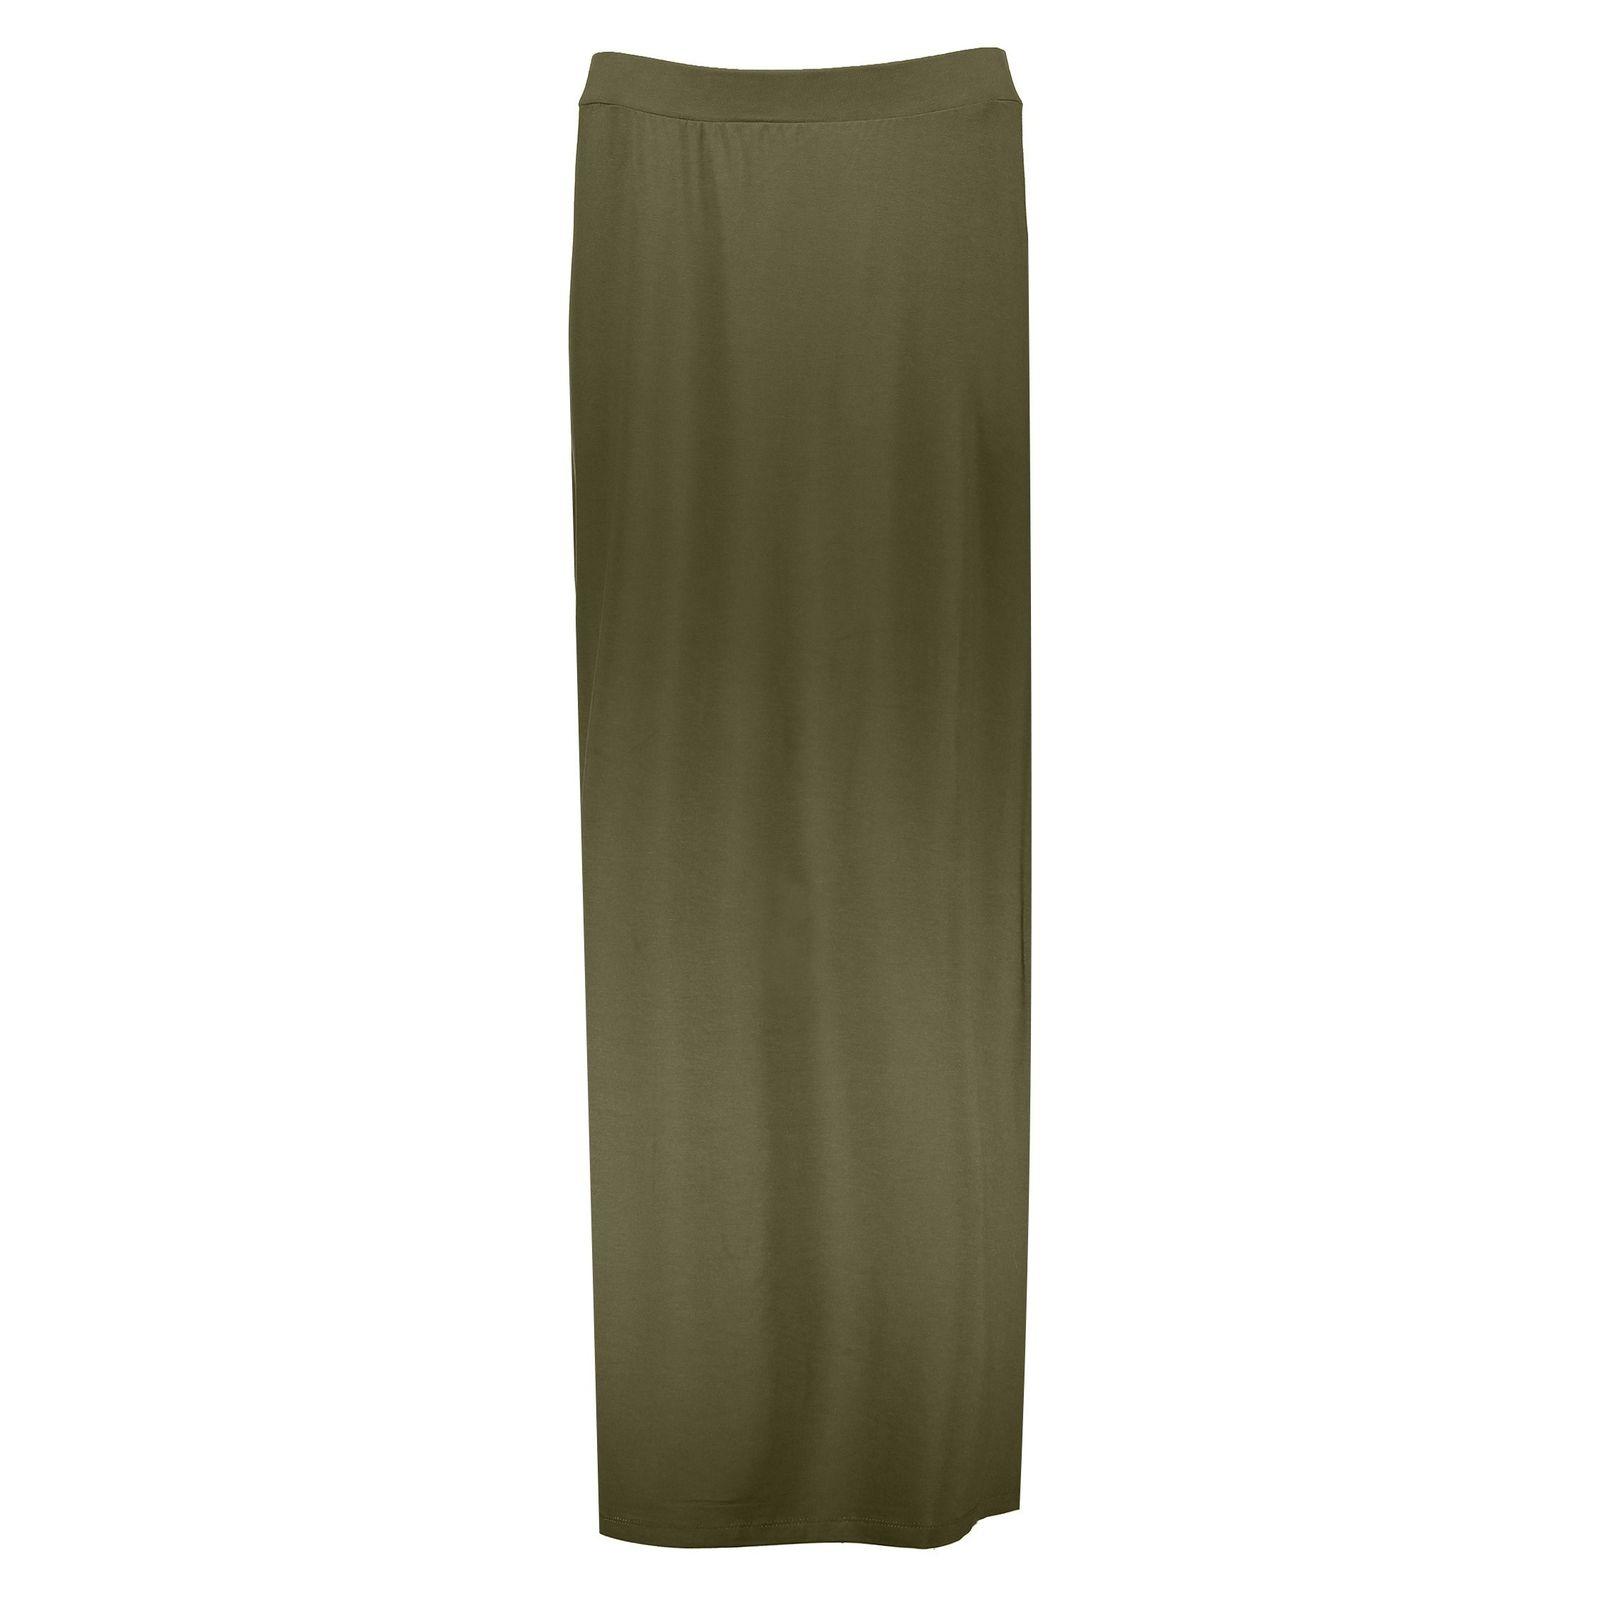 دامن ویسکوز بلند  زنانه - جنیفر - زيتوني - 1